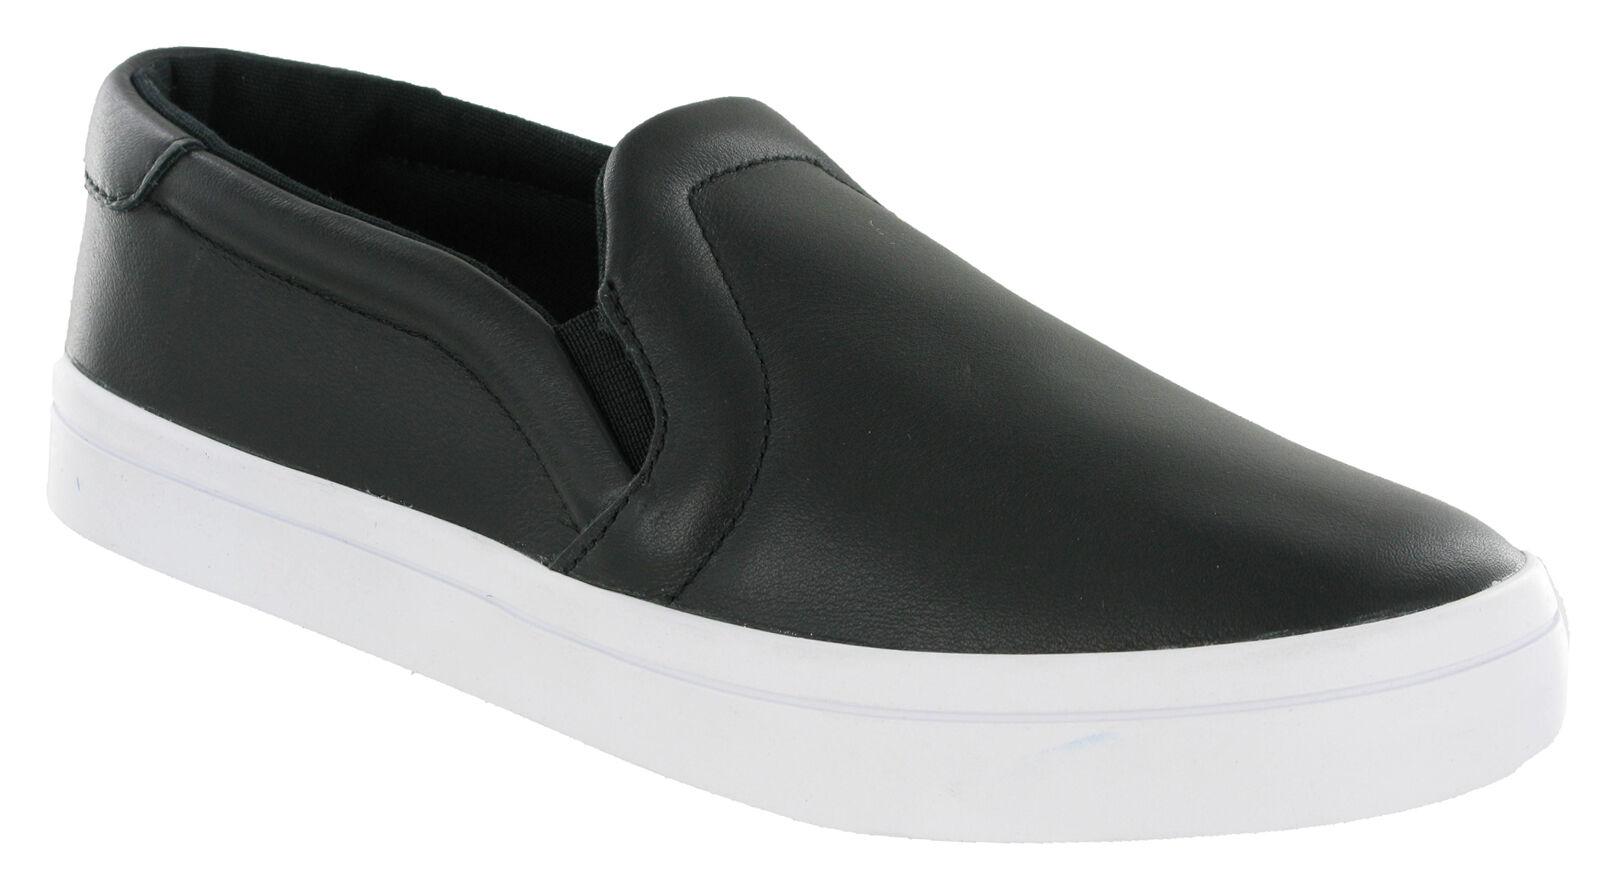 Damen Adidas Originals Court Vantage Slip On Schuhe